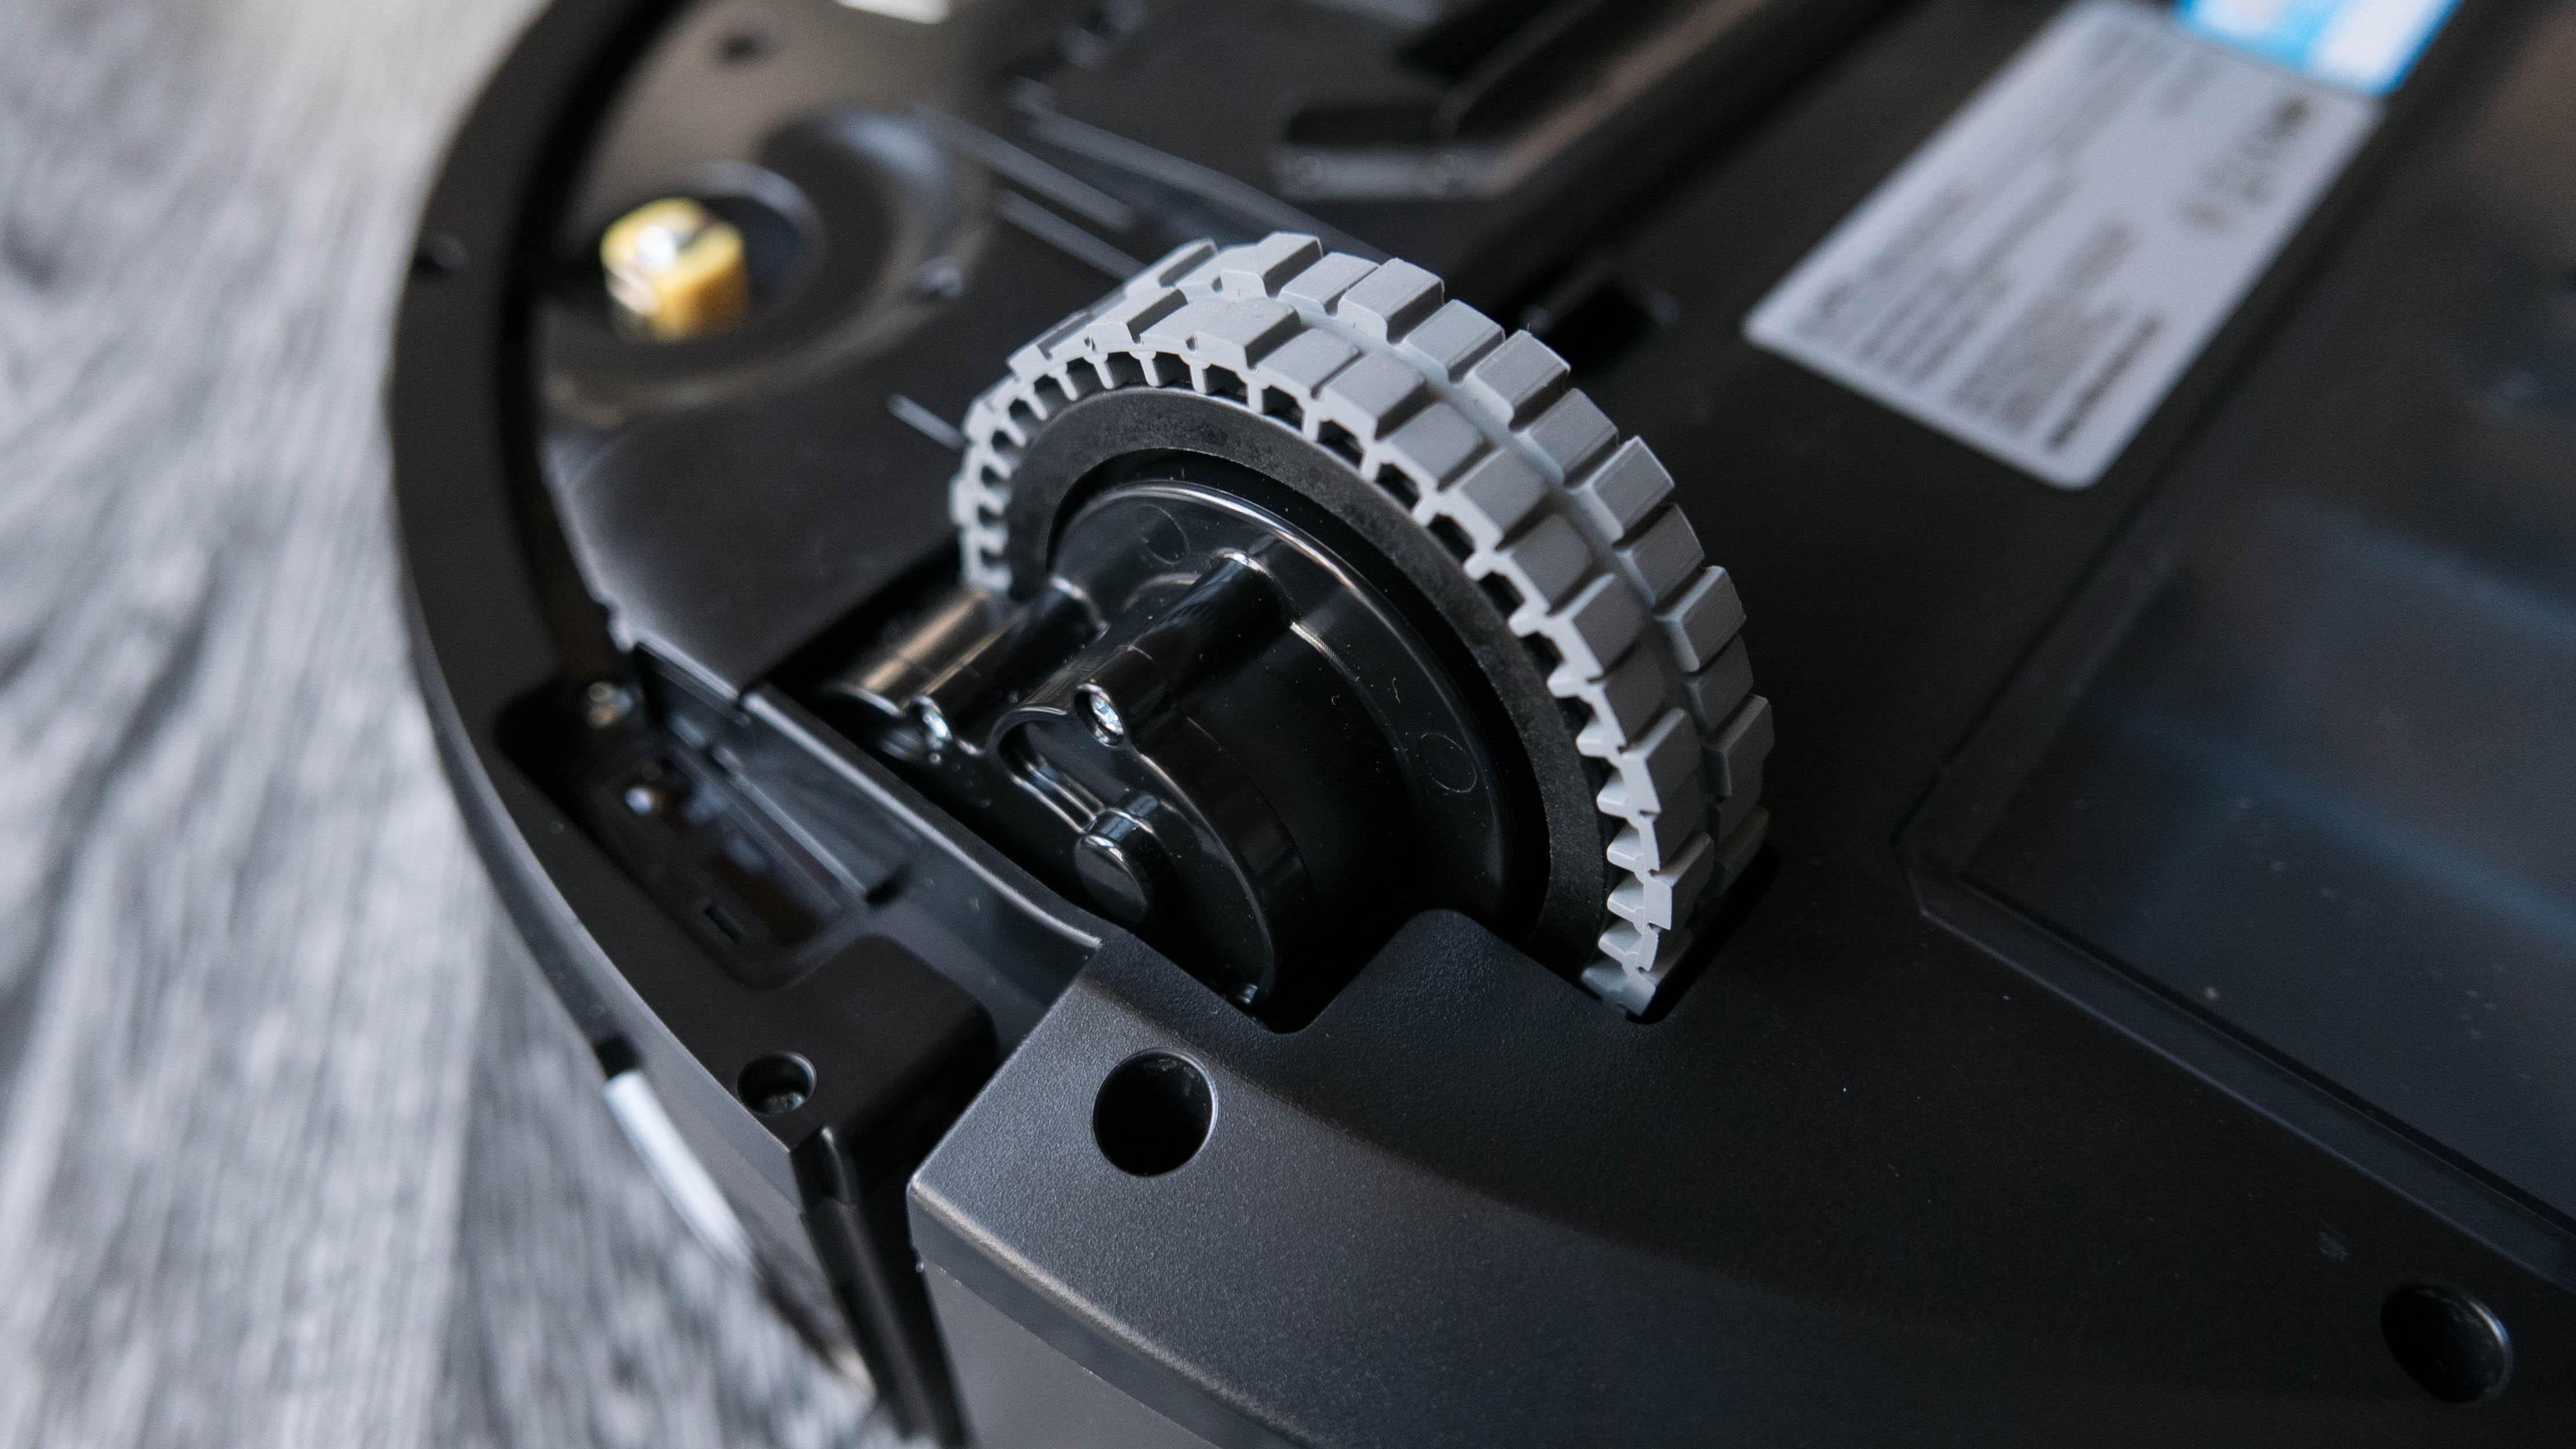 ILIFE V80 Details 16